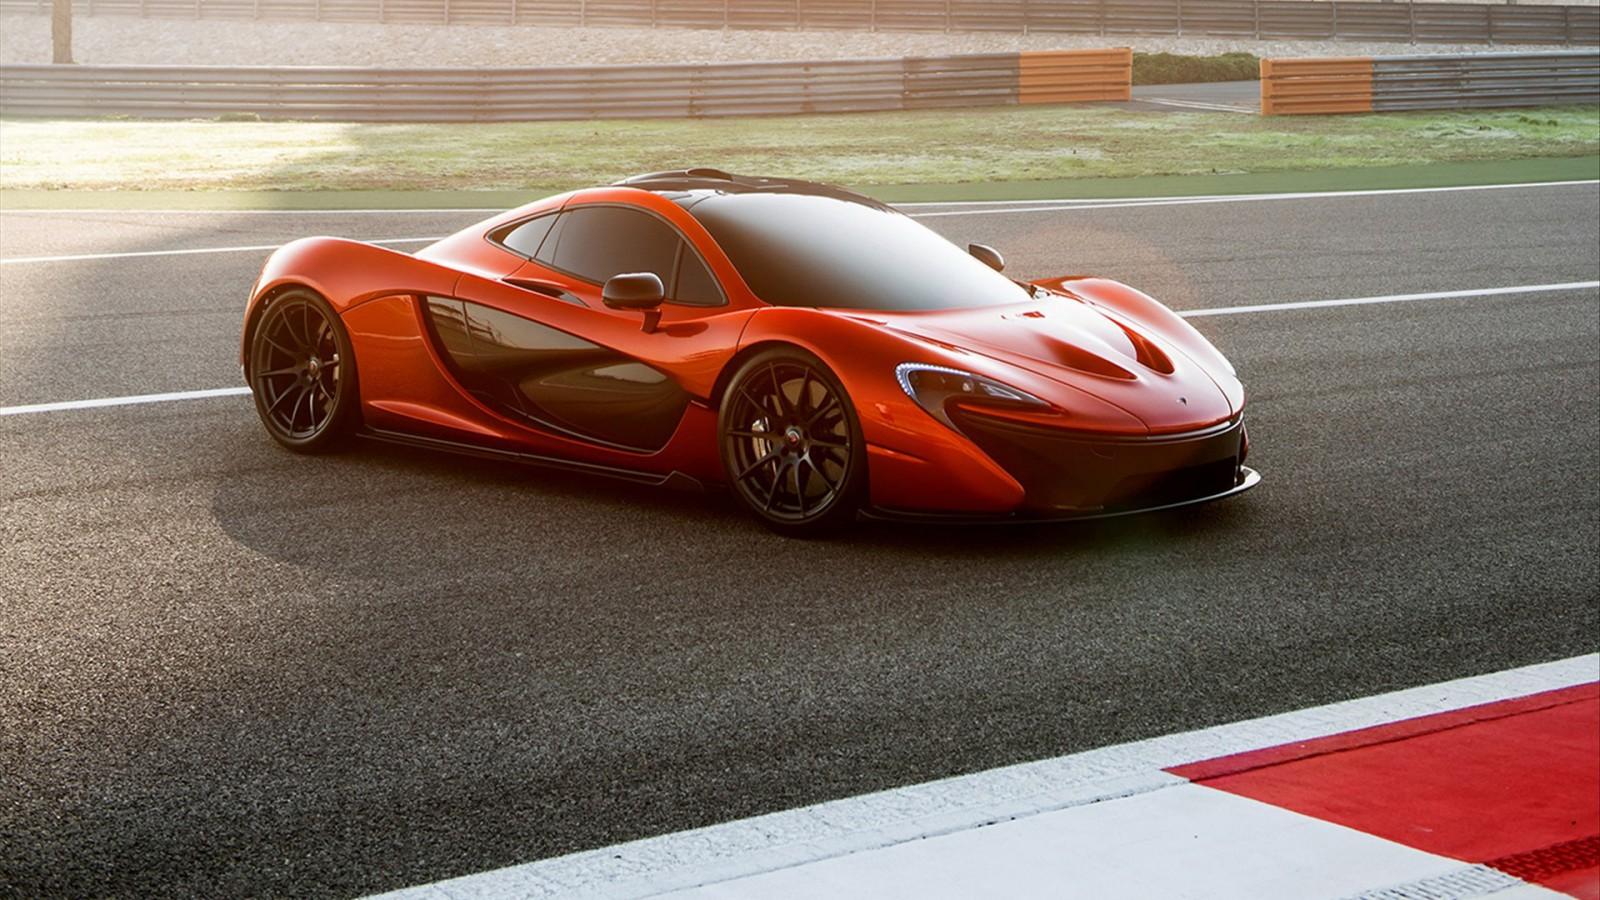 McLaren P1 2014 Wallpaper